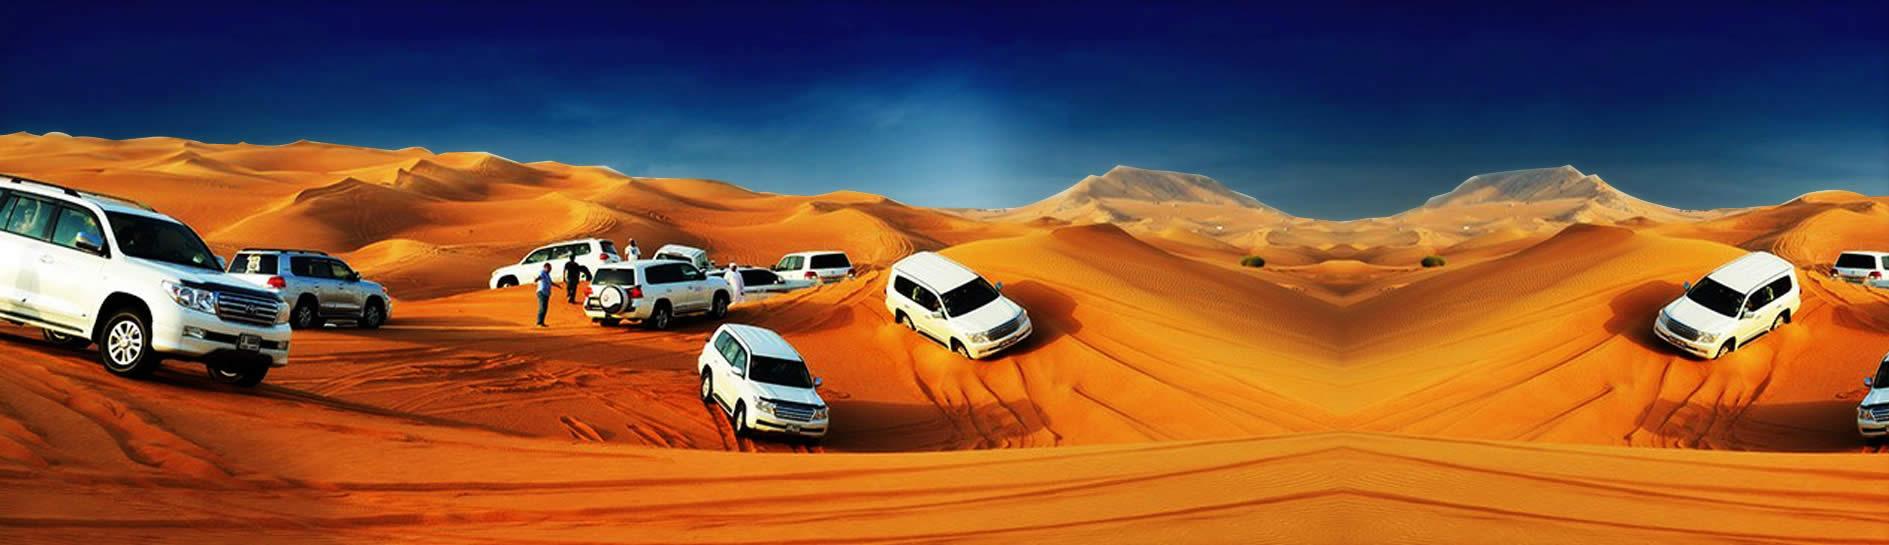 dubai-desert-safari-4x4.jpg